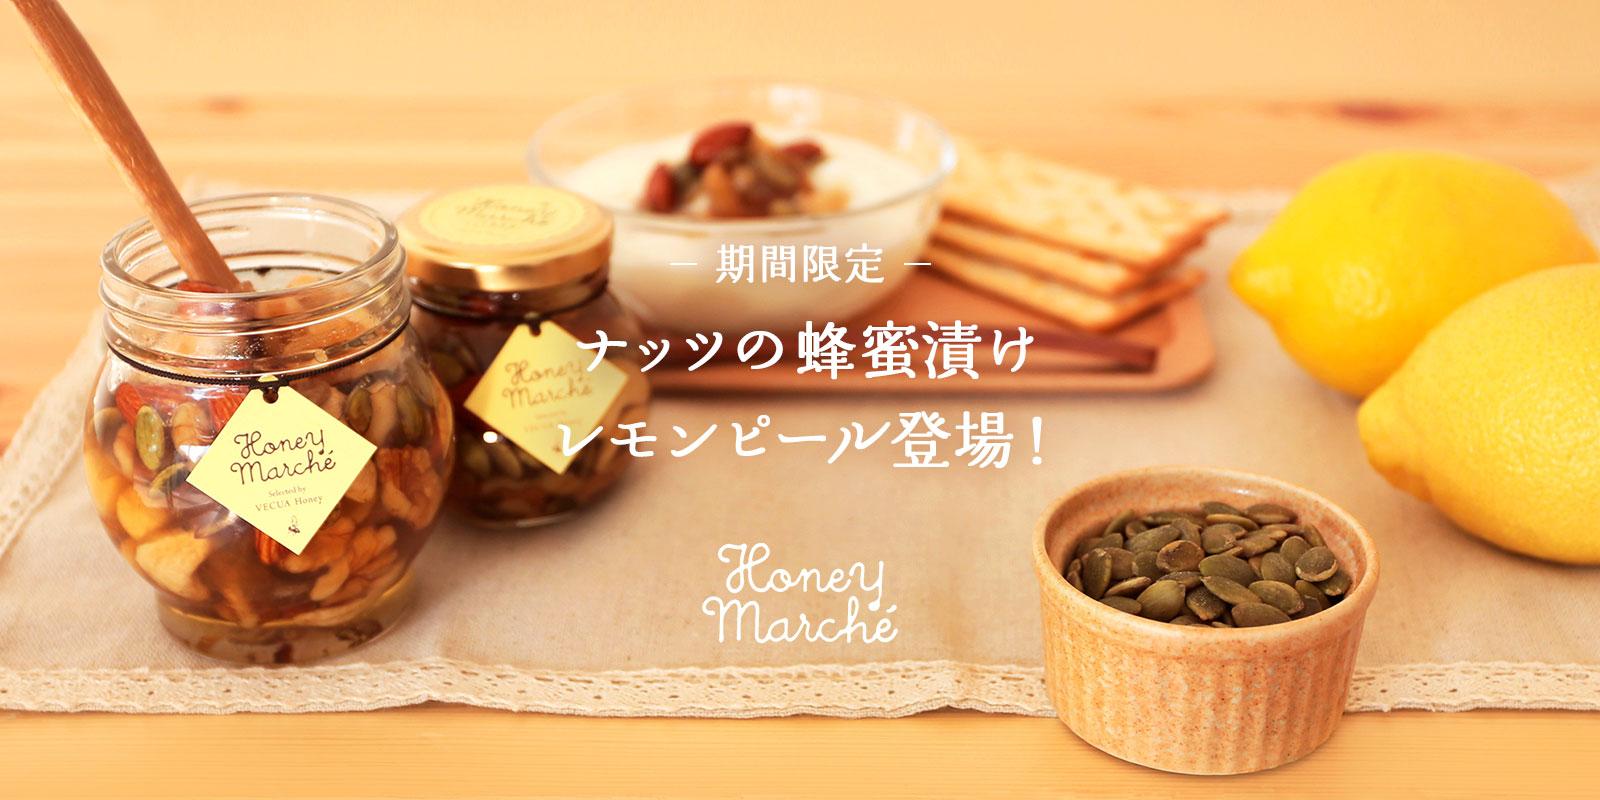 期間限定 ー ナッツの蜂蜜漬けレモンピール登場!